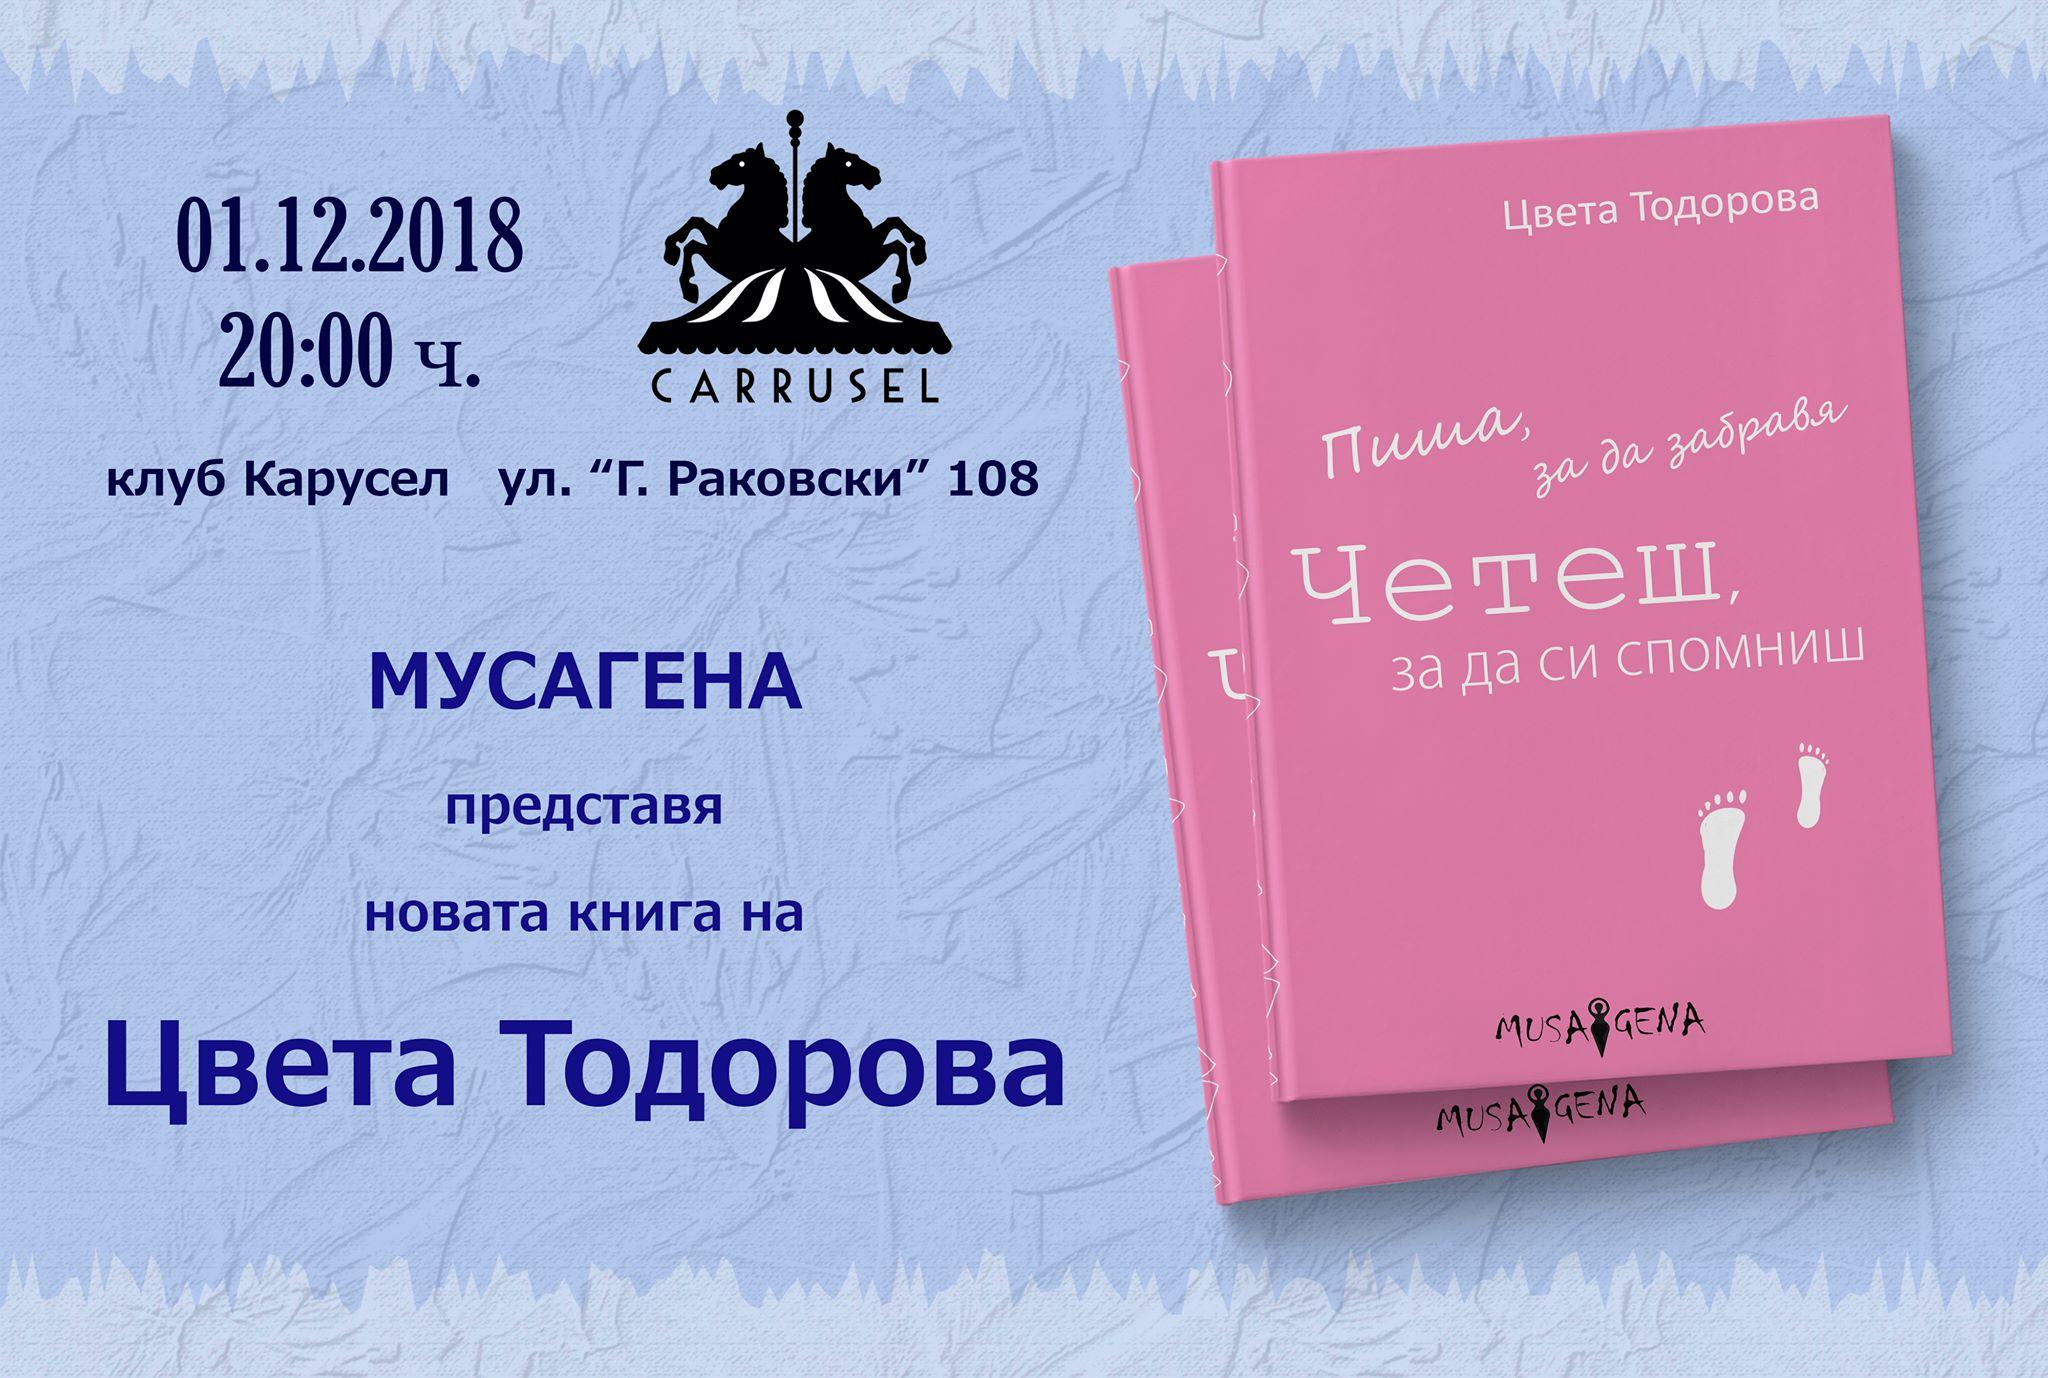 Цвета Тодорова за дебютната си стихосбирка